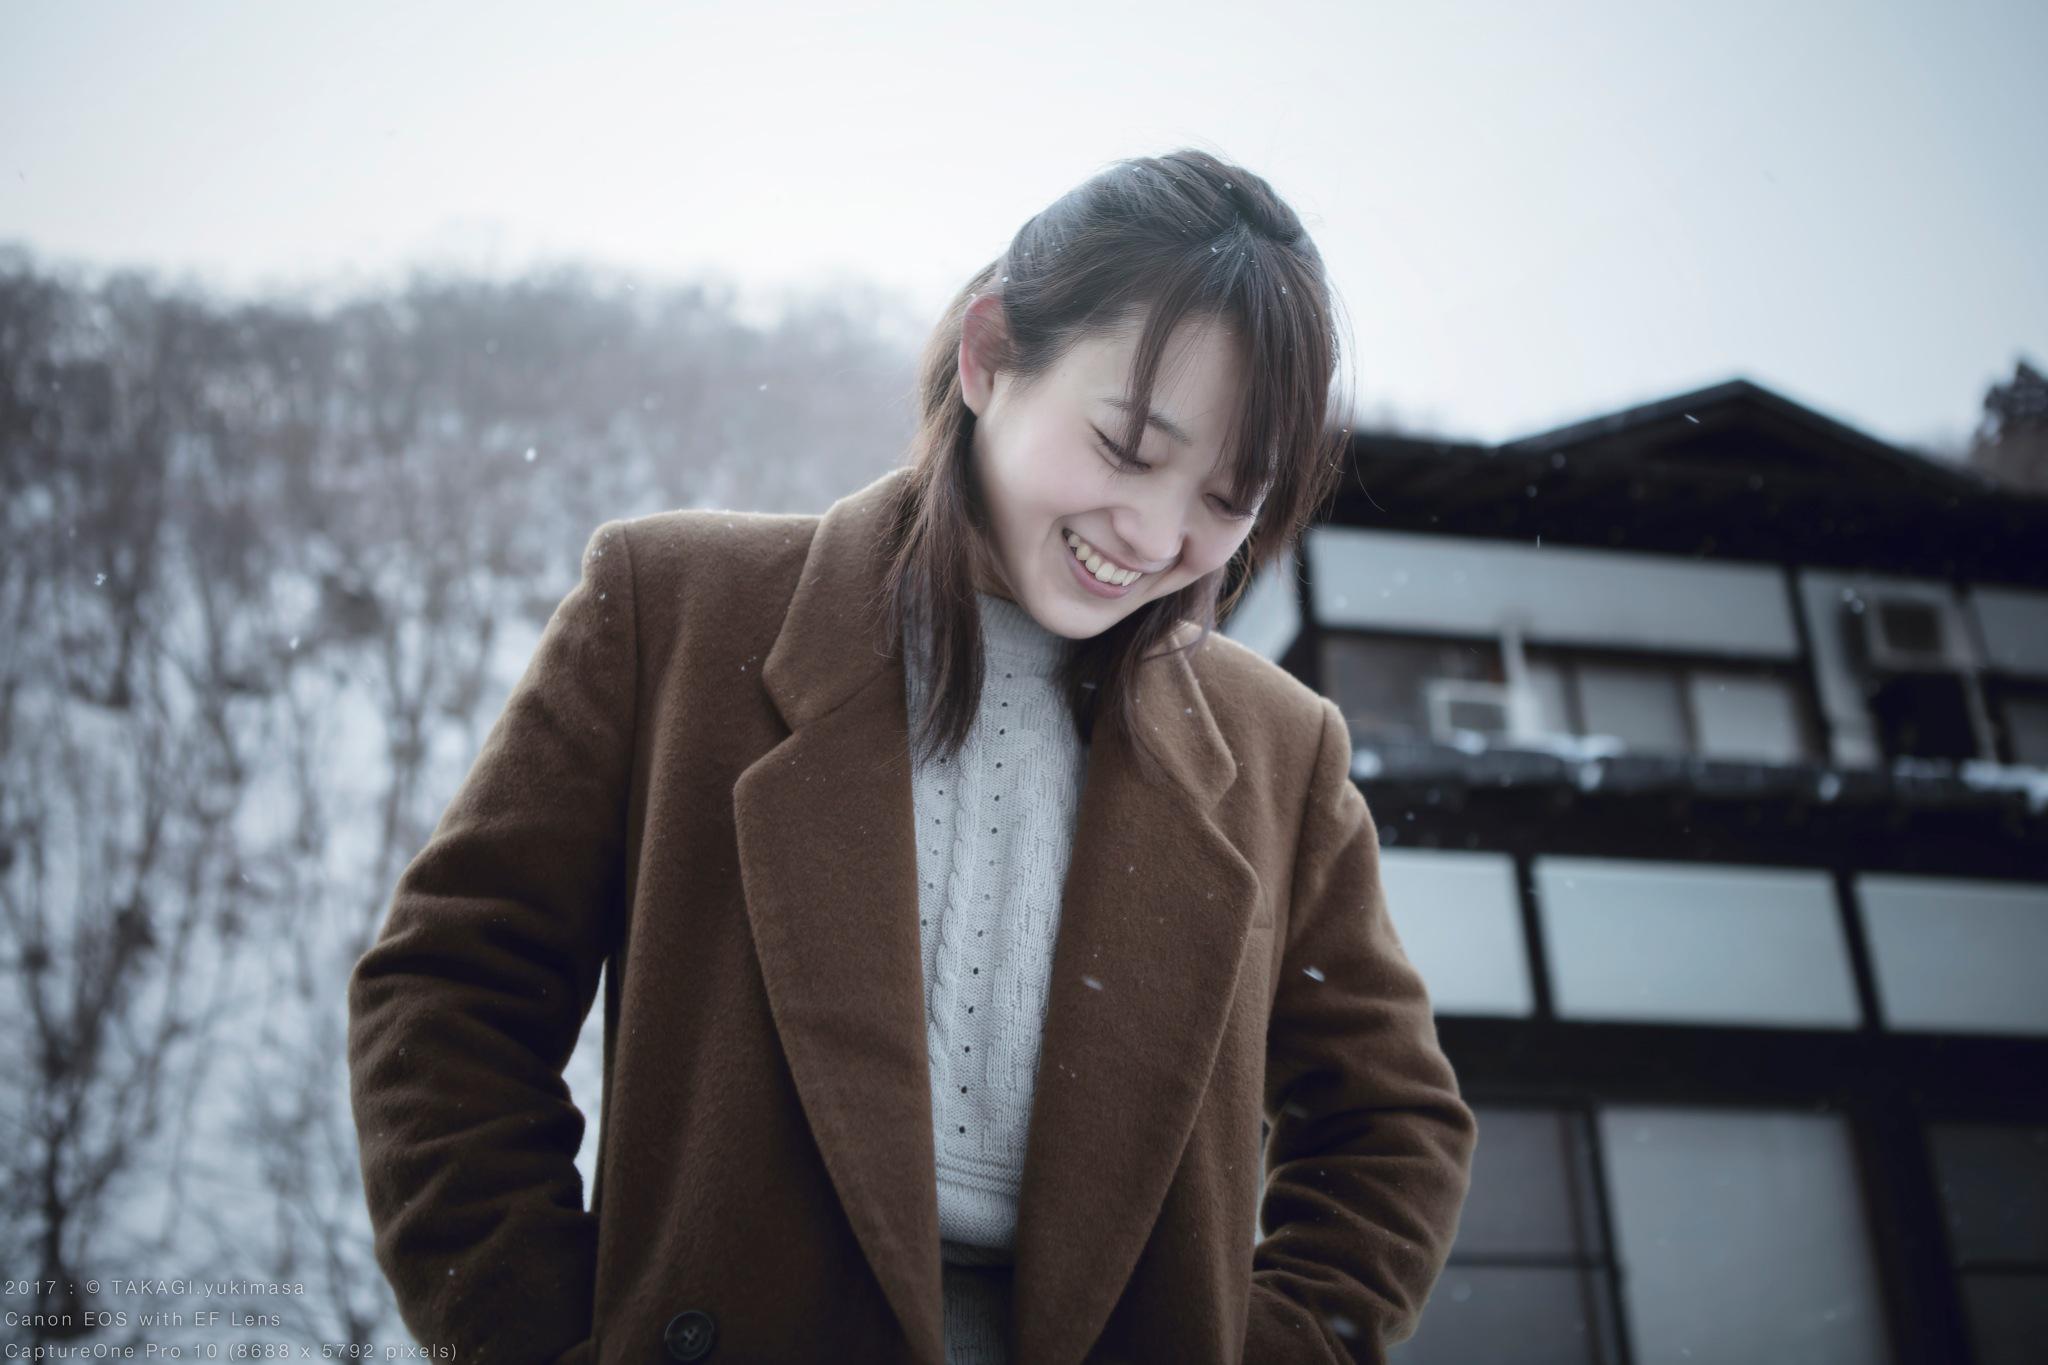 Snow serene time by TAKAGIyukimasa